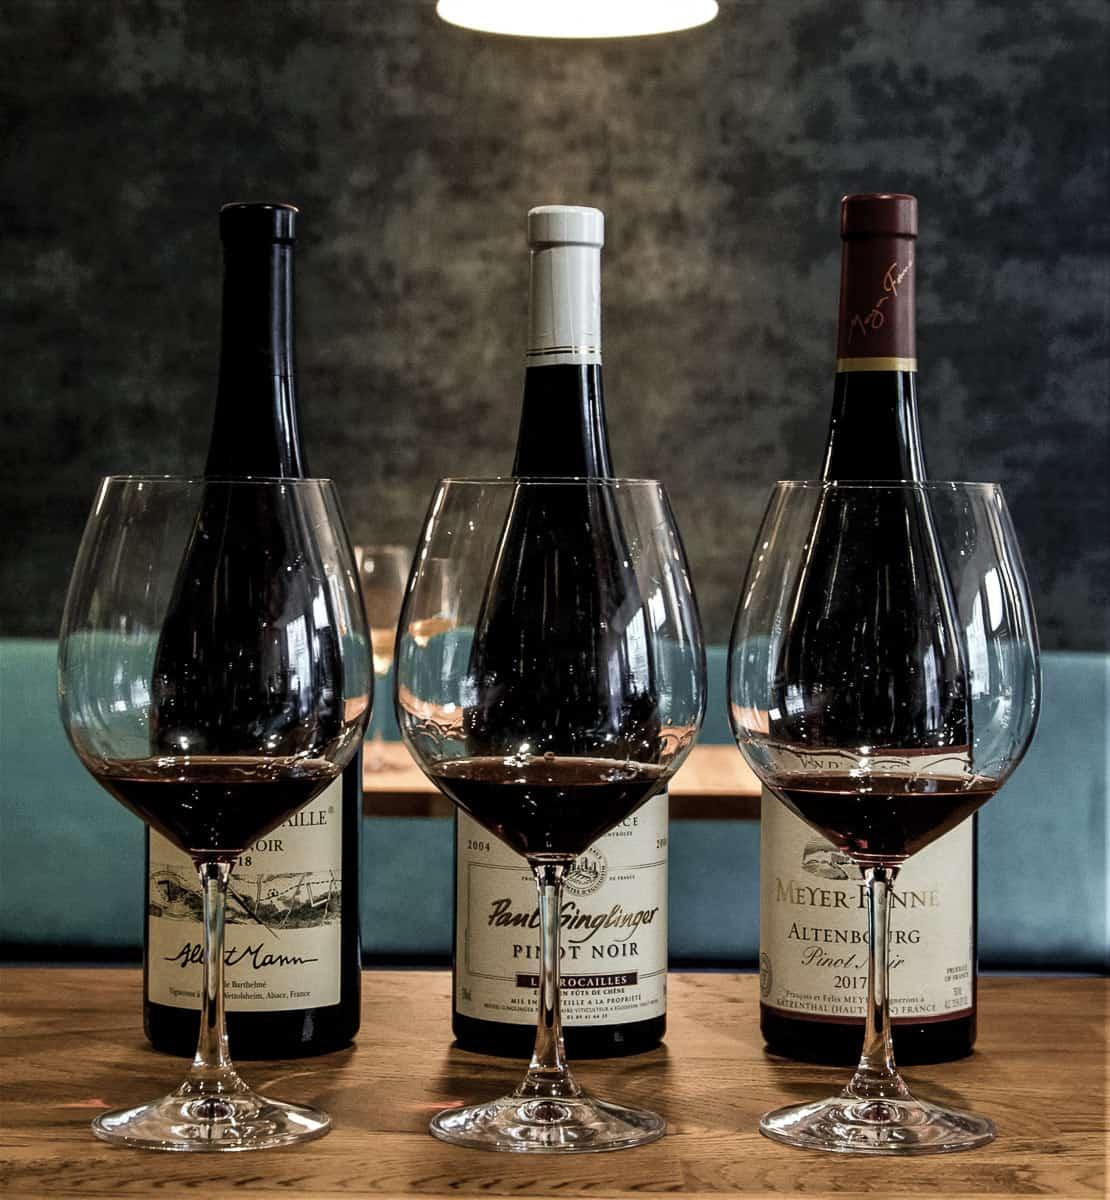 Dégustation Paul Ginglinger, pinot noir - Partez à la découverte des plus grands vins d'Alsace sous forme de parcours dégustation (Winetasting) ludiques et personnalisés, Le Caveau à Colmar !